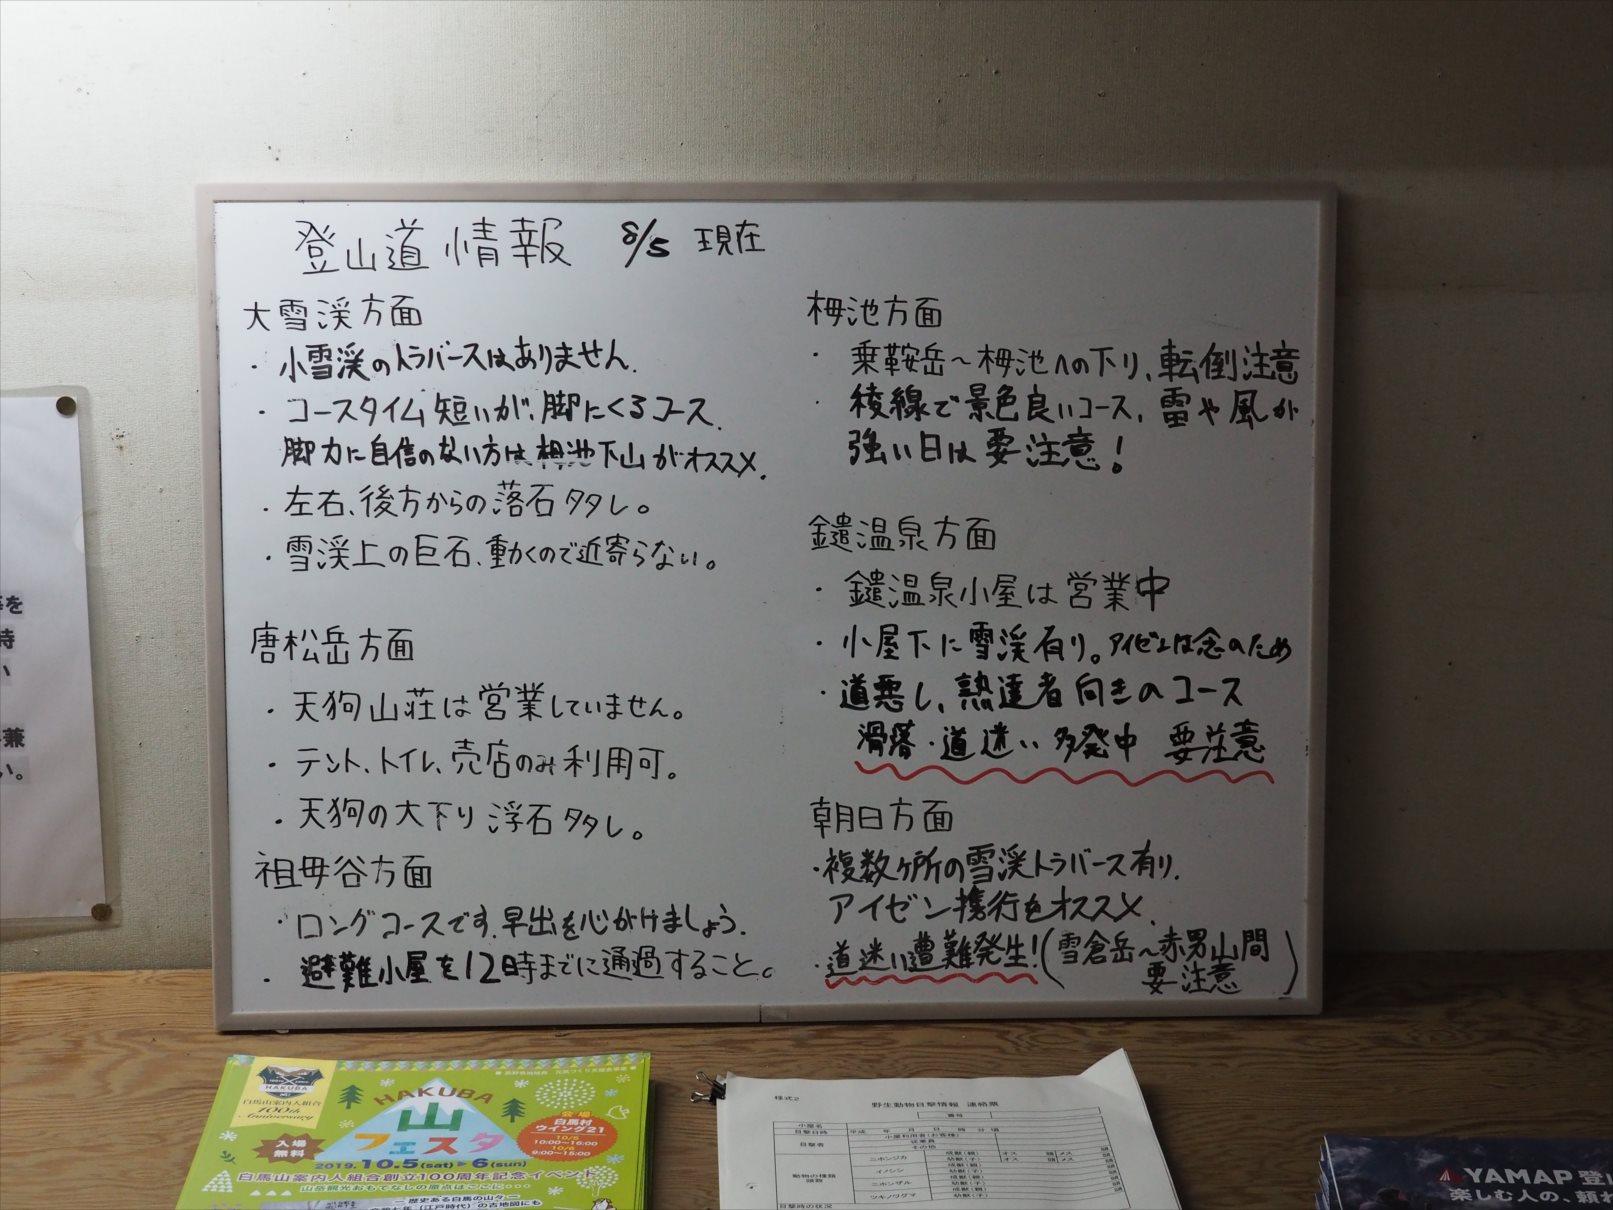 【夏山登山】白馬、雪倉、朝日 (46)_R